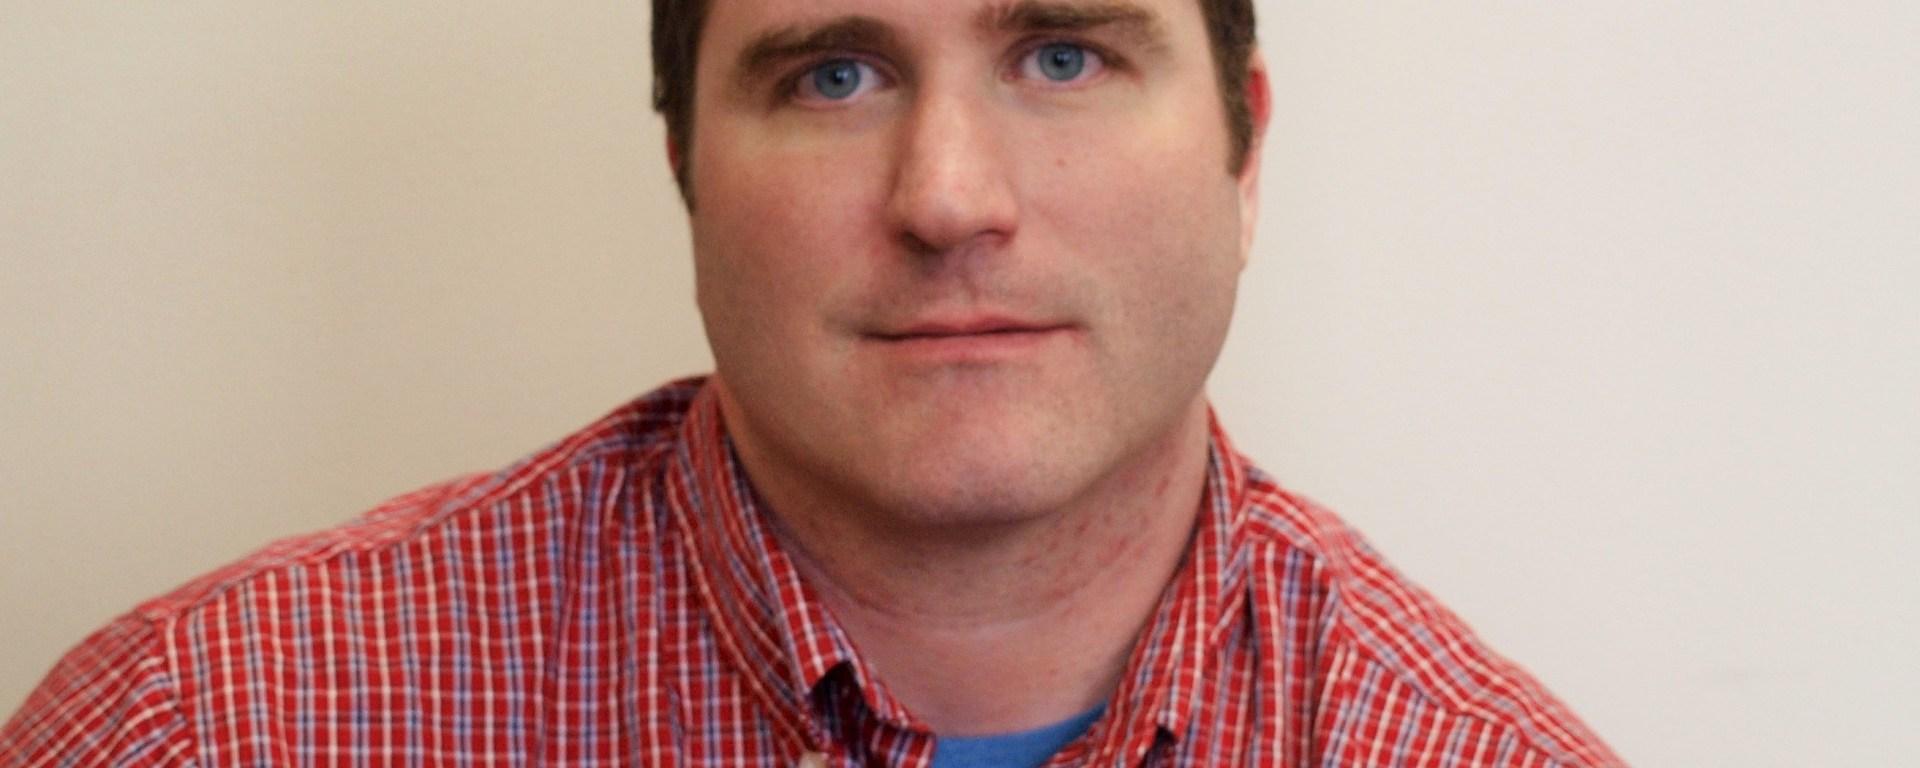 Paul Wollner